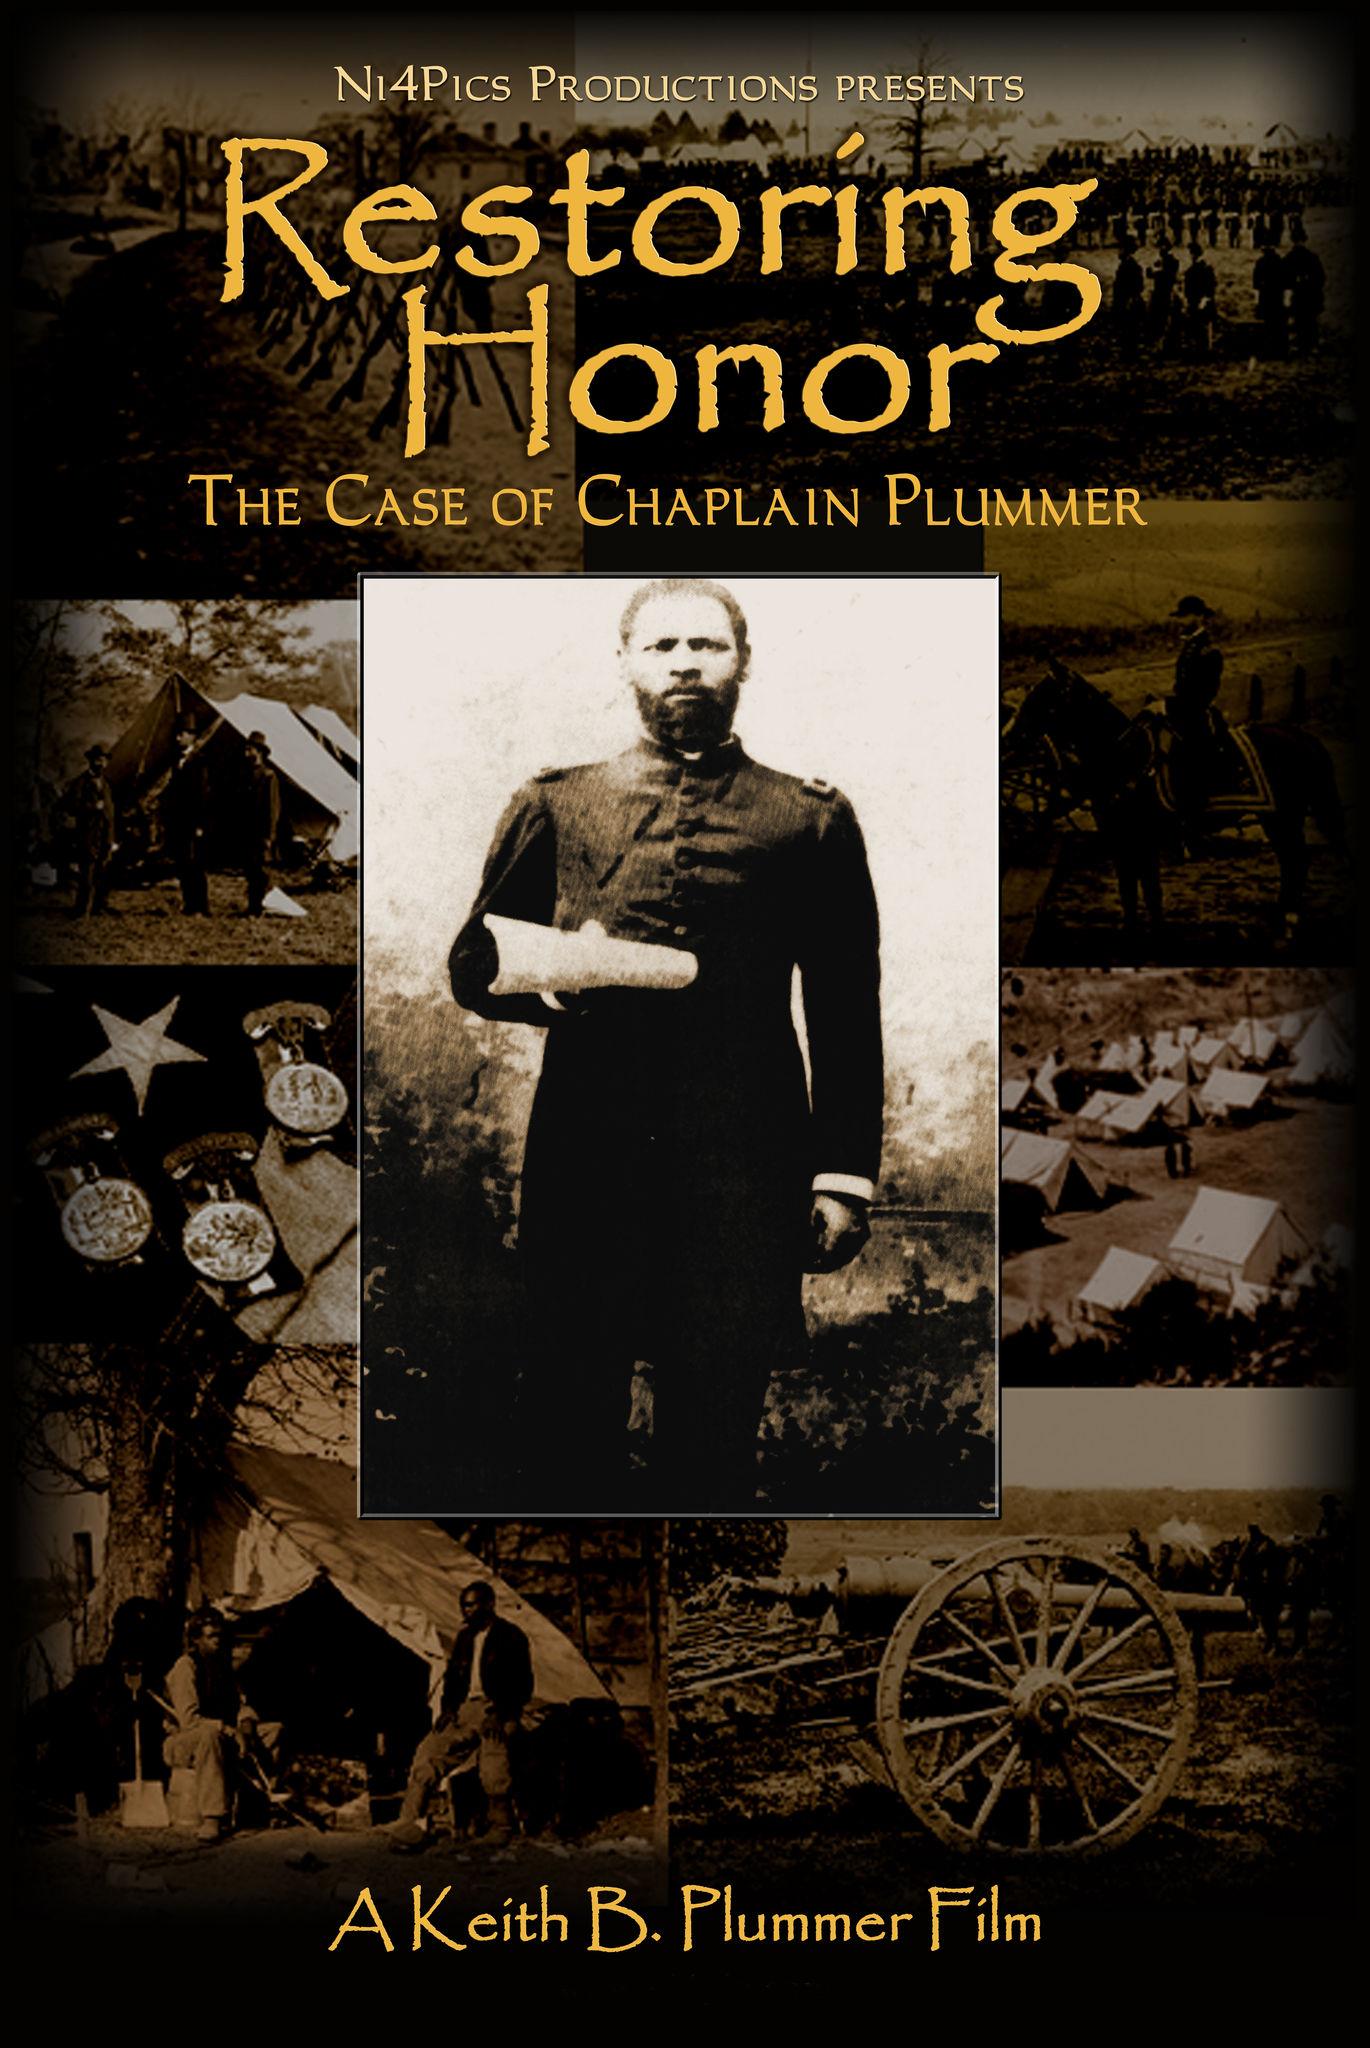 Restoring Honor: The Case of Chaplain Plummer